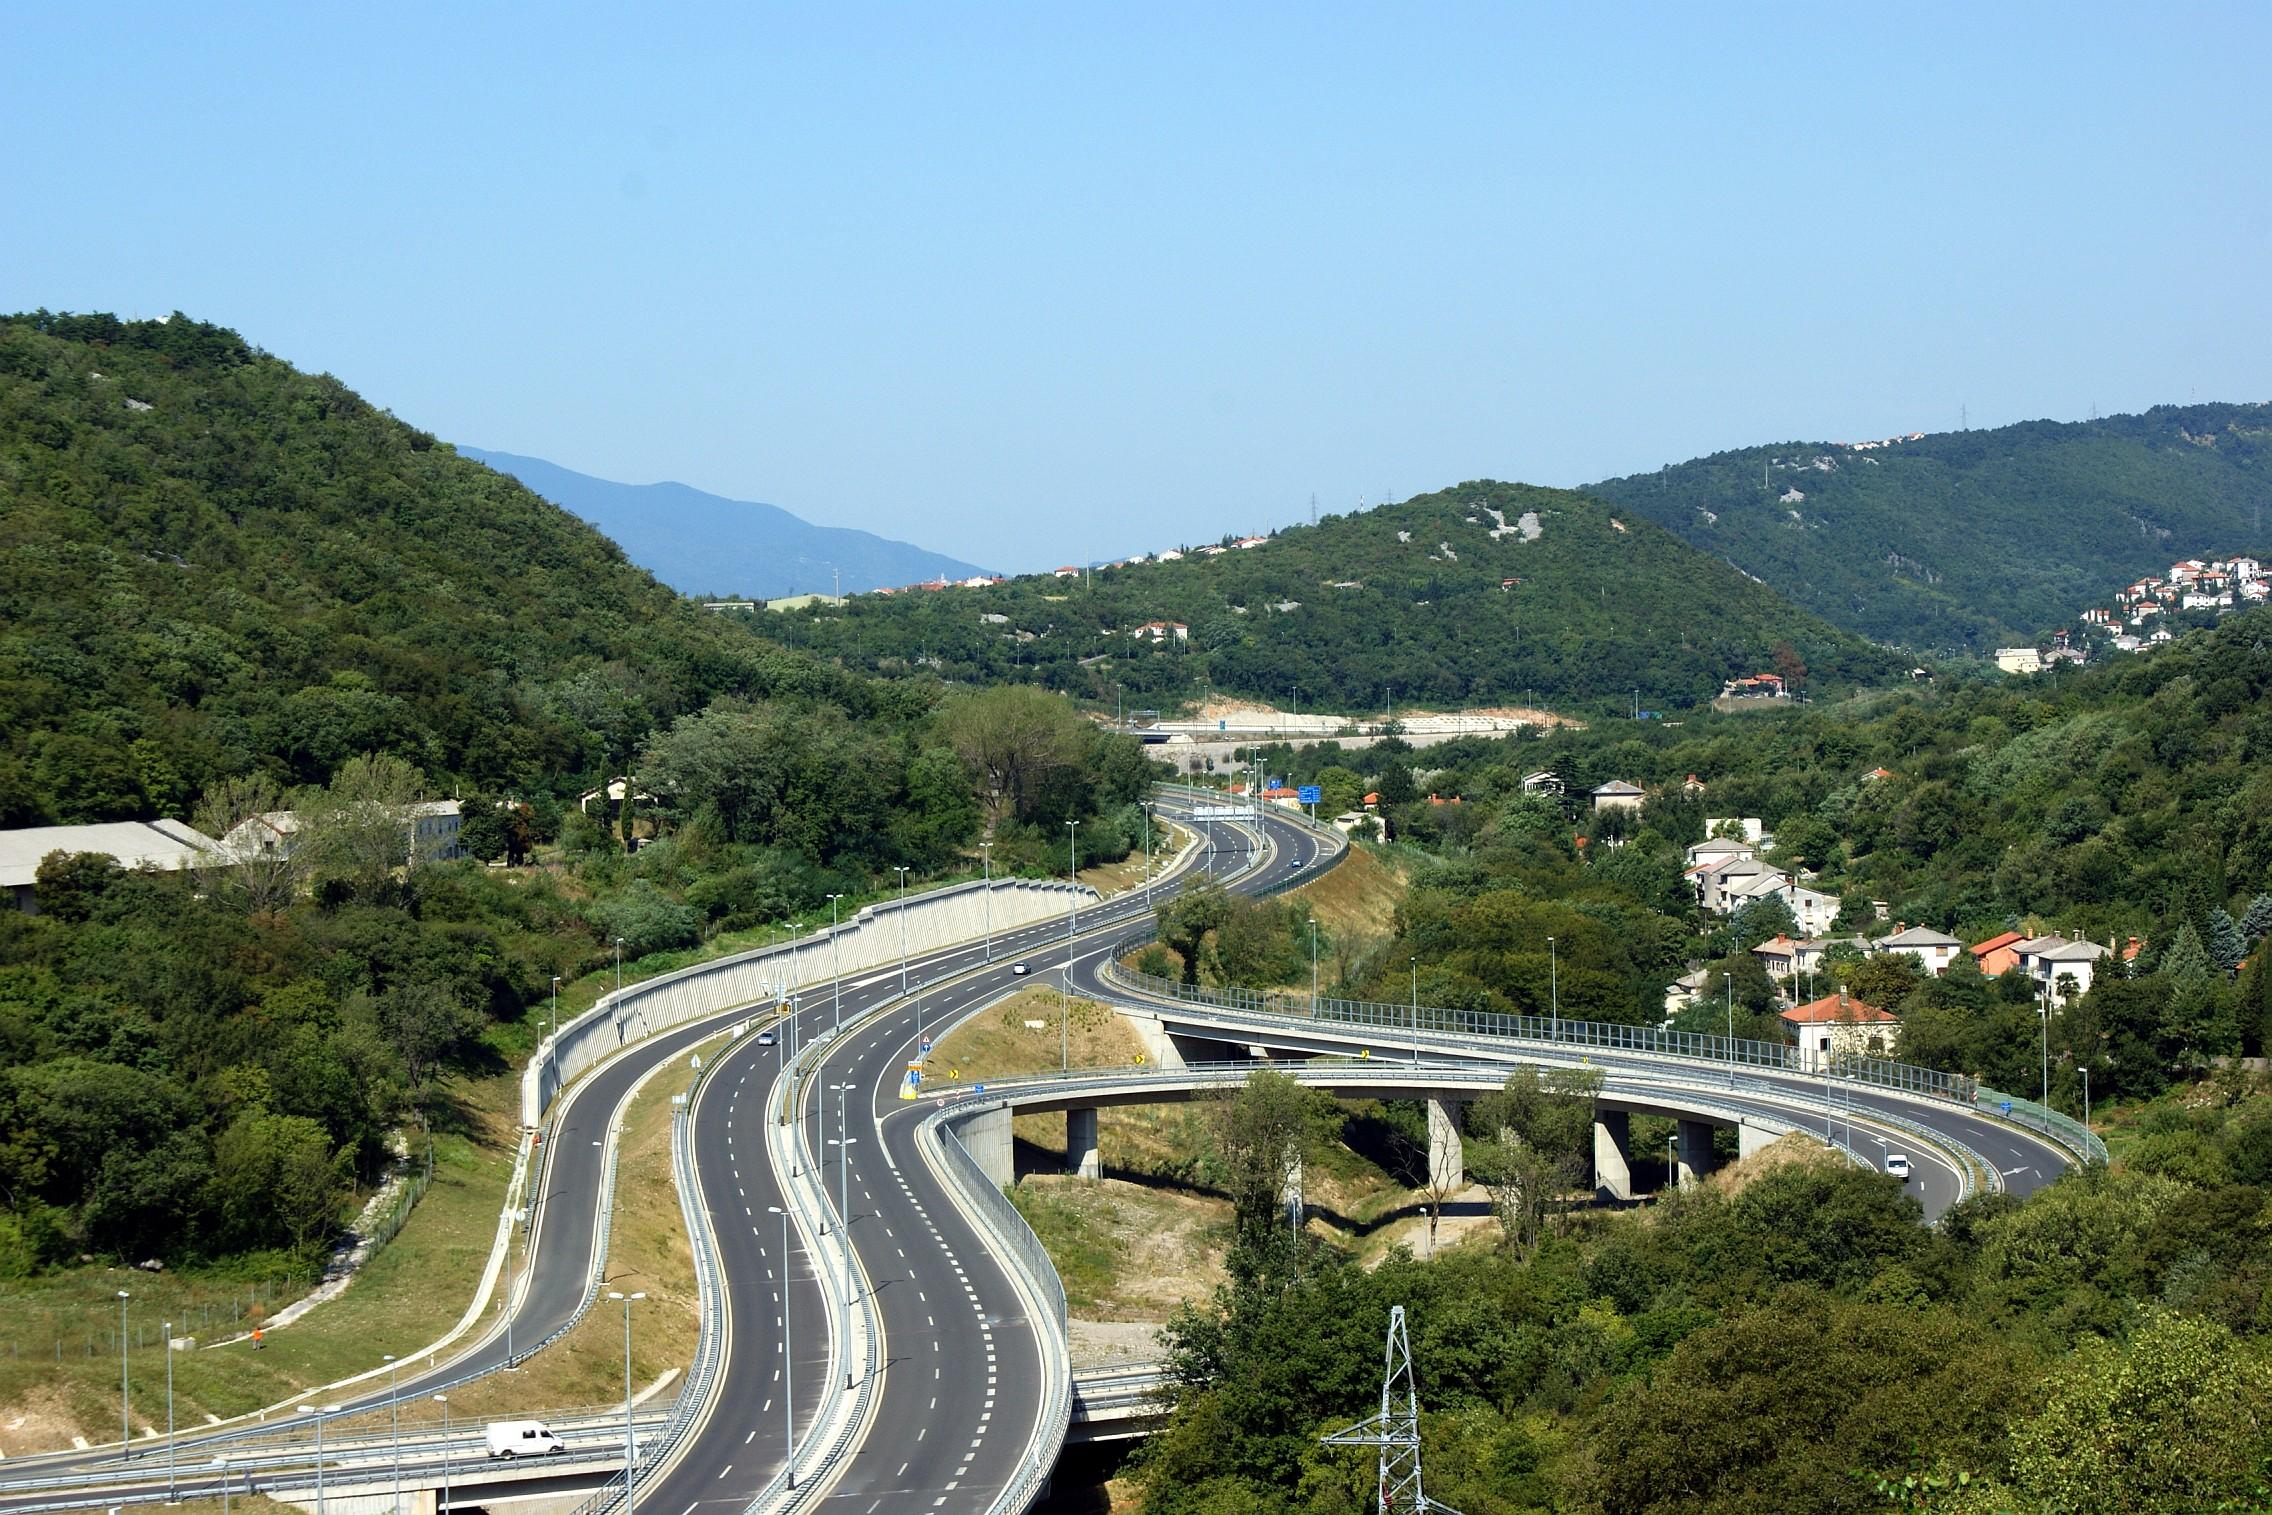 Качество автомобильных дорог Хорватии заслужило высокую международную оценку